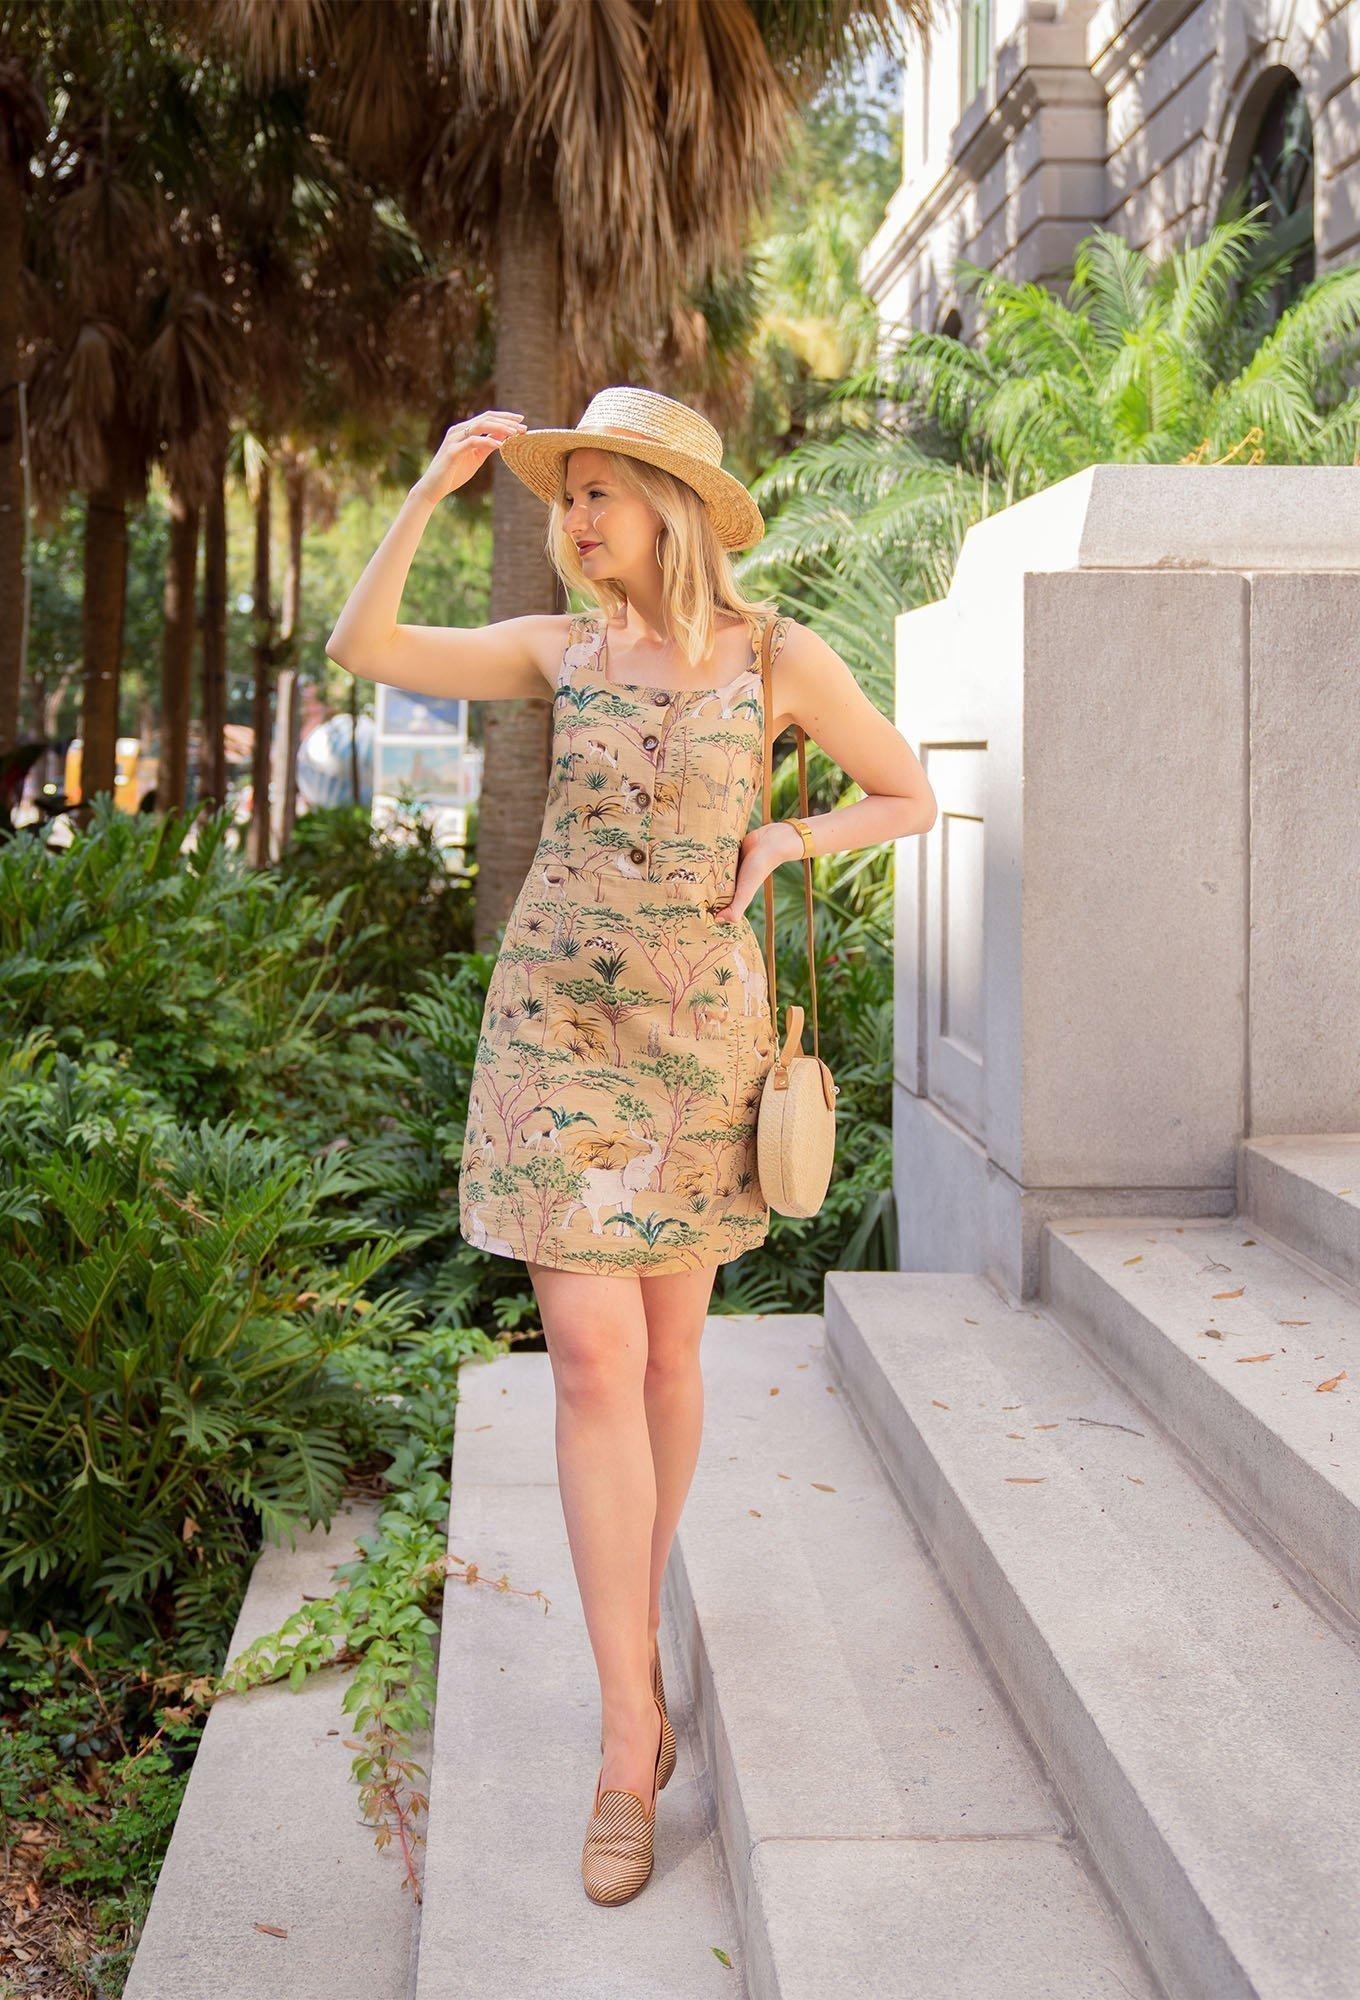 Ashley Brooke wearing Stubbs & Wootton, Mango Dress, and Straw Hat.